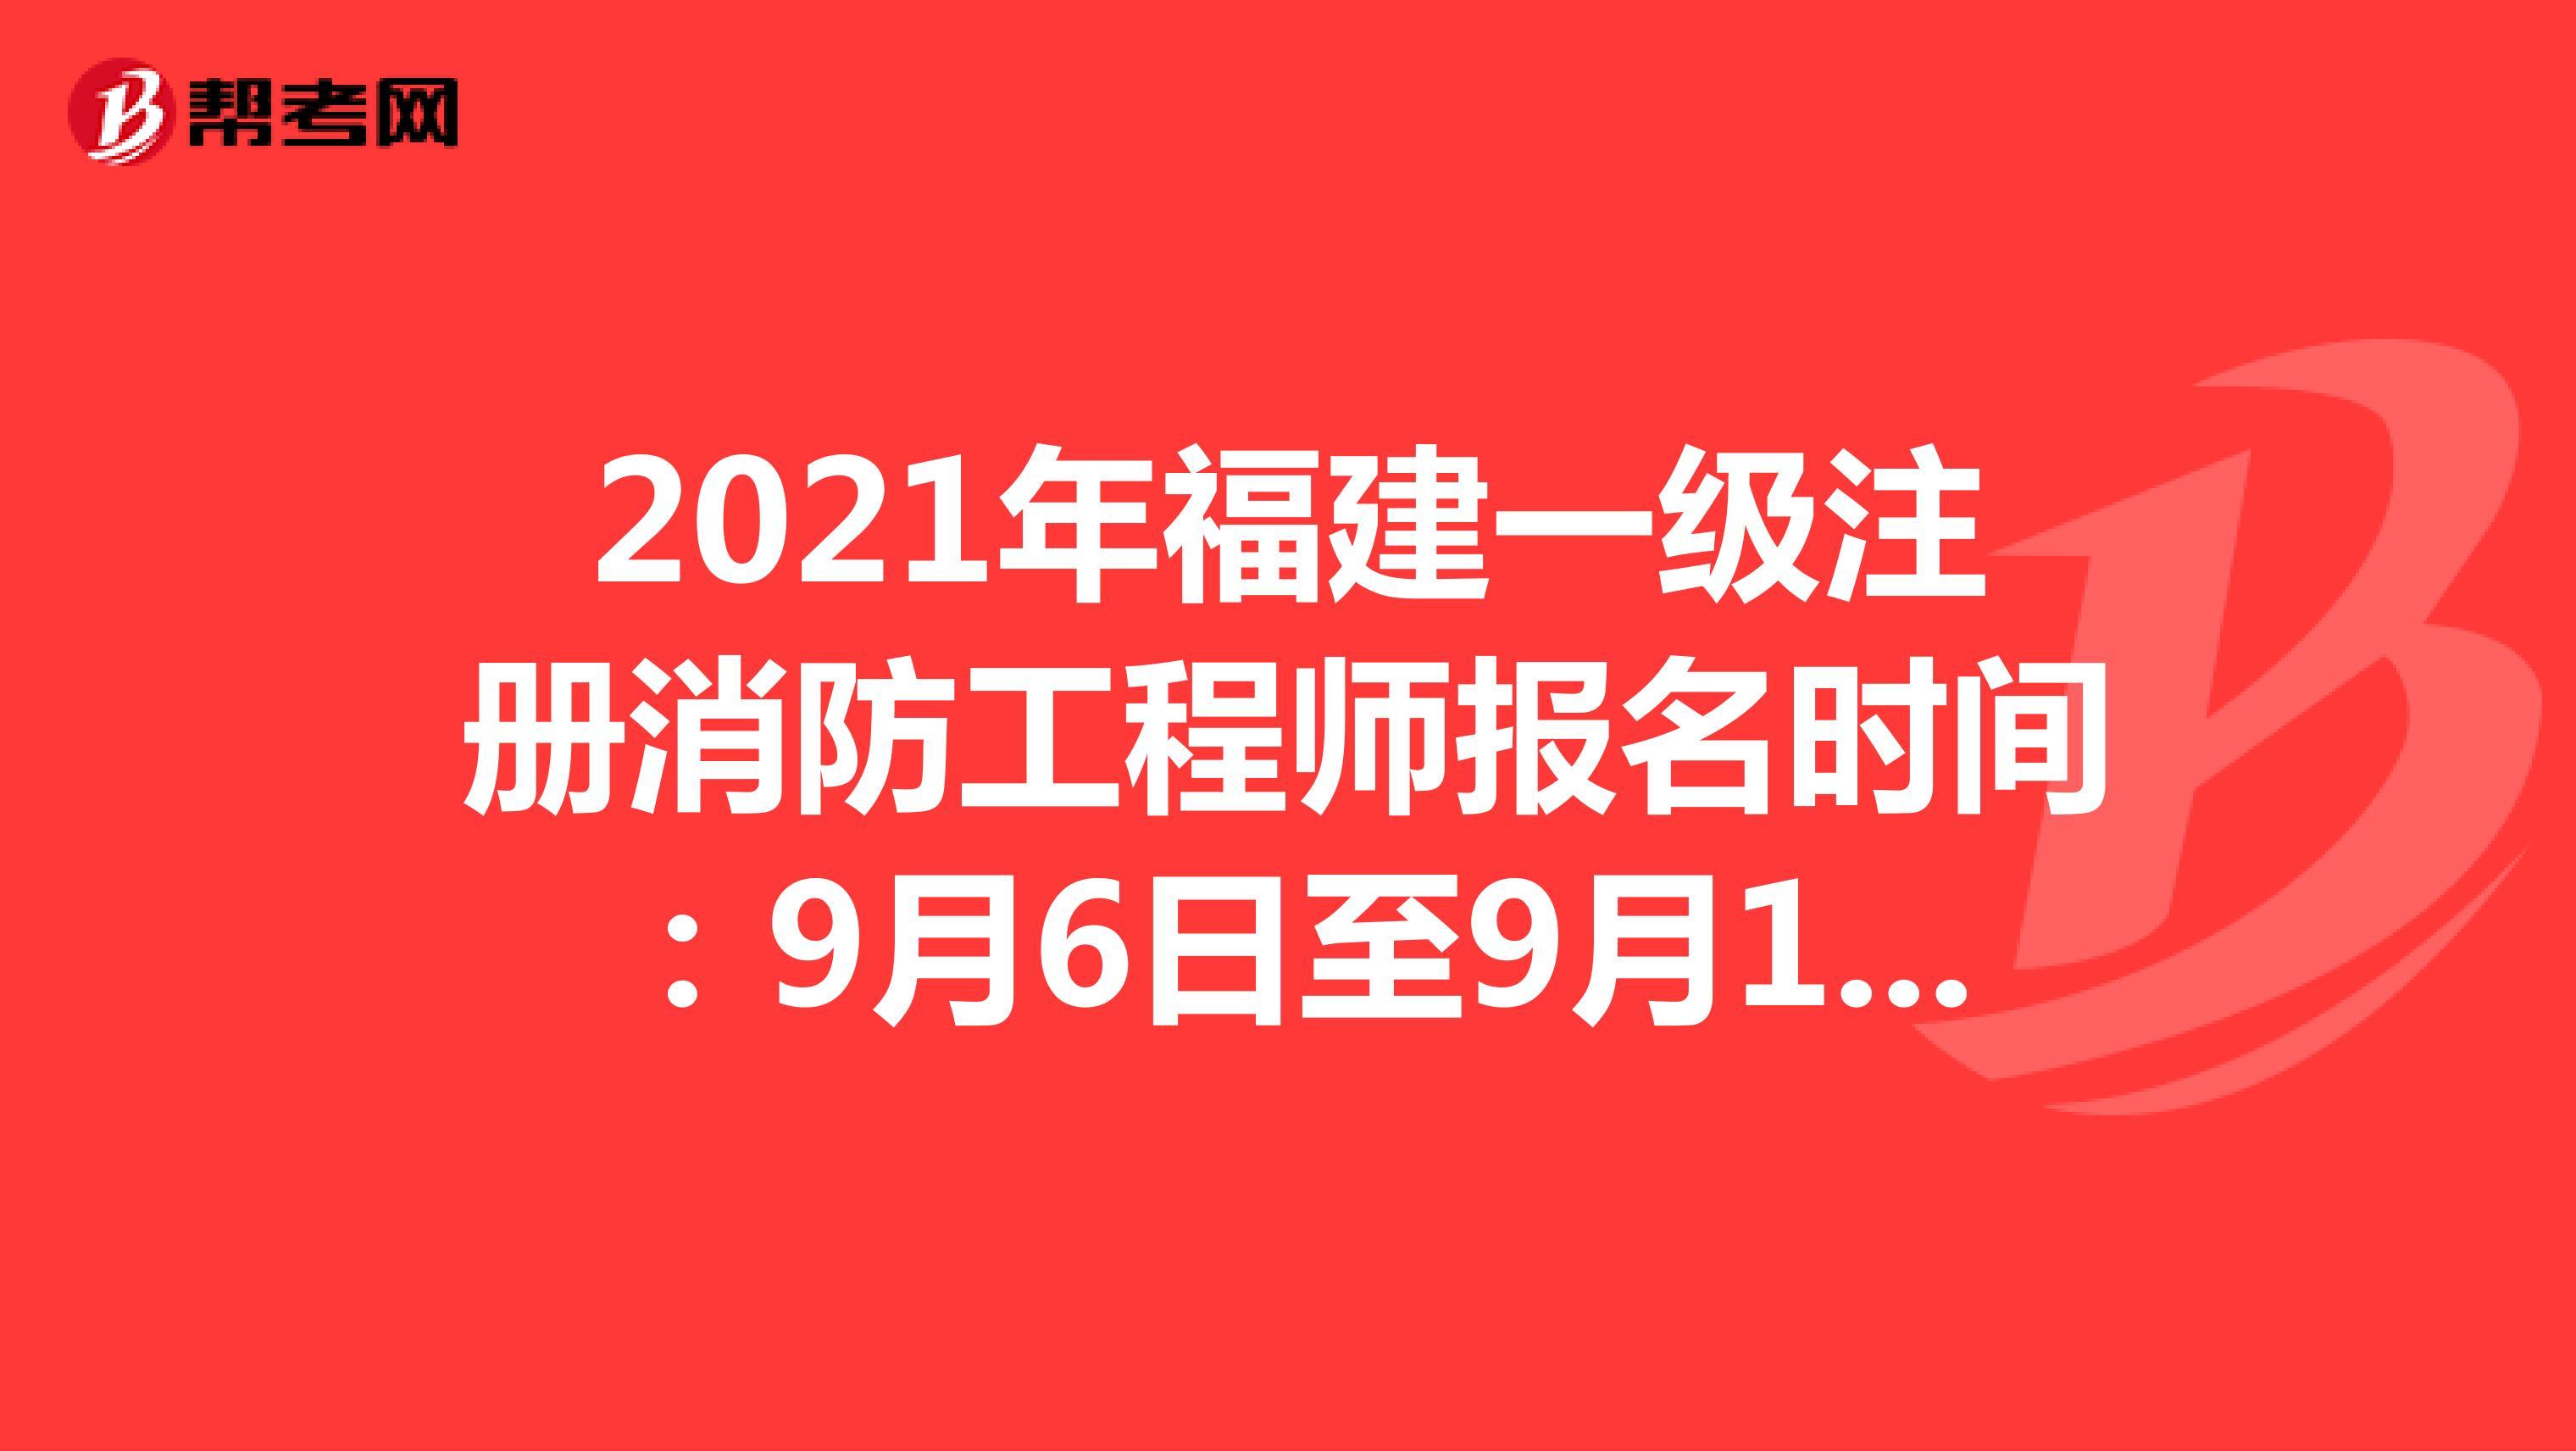 2021年福建一级注册消防工程师报名时间:9月6日至9月15日